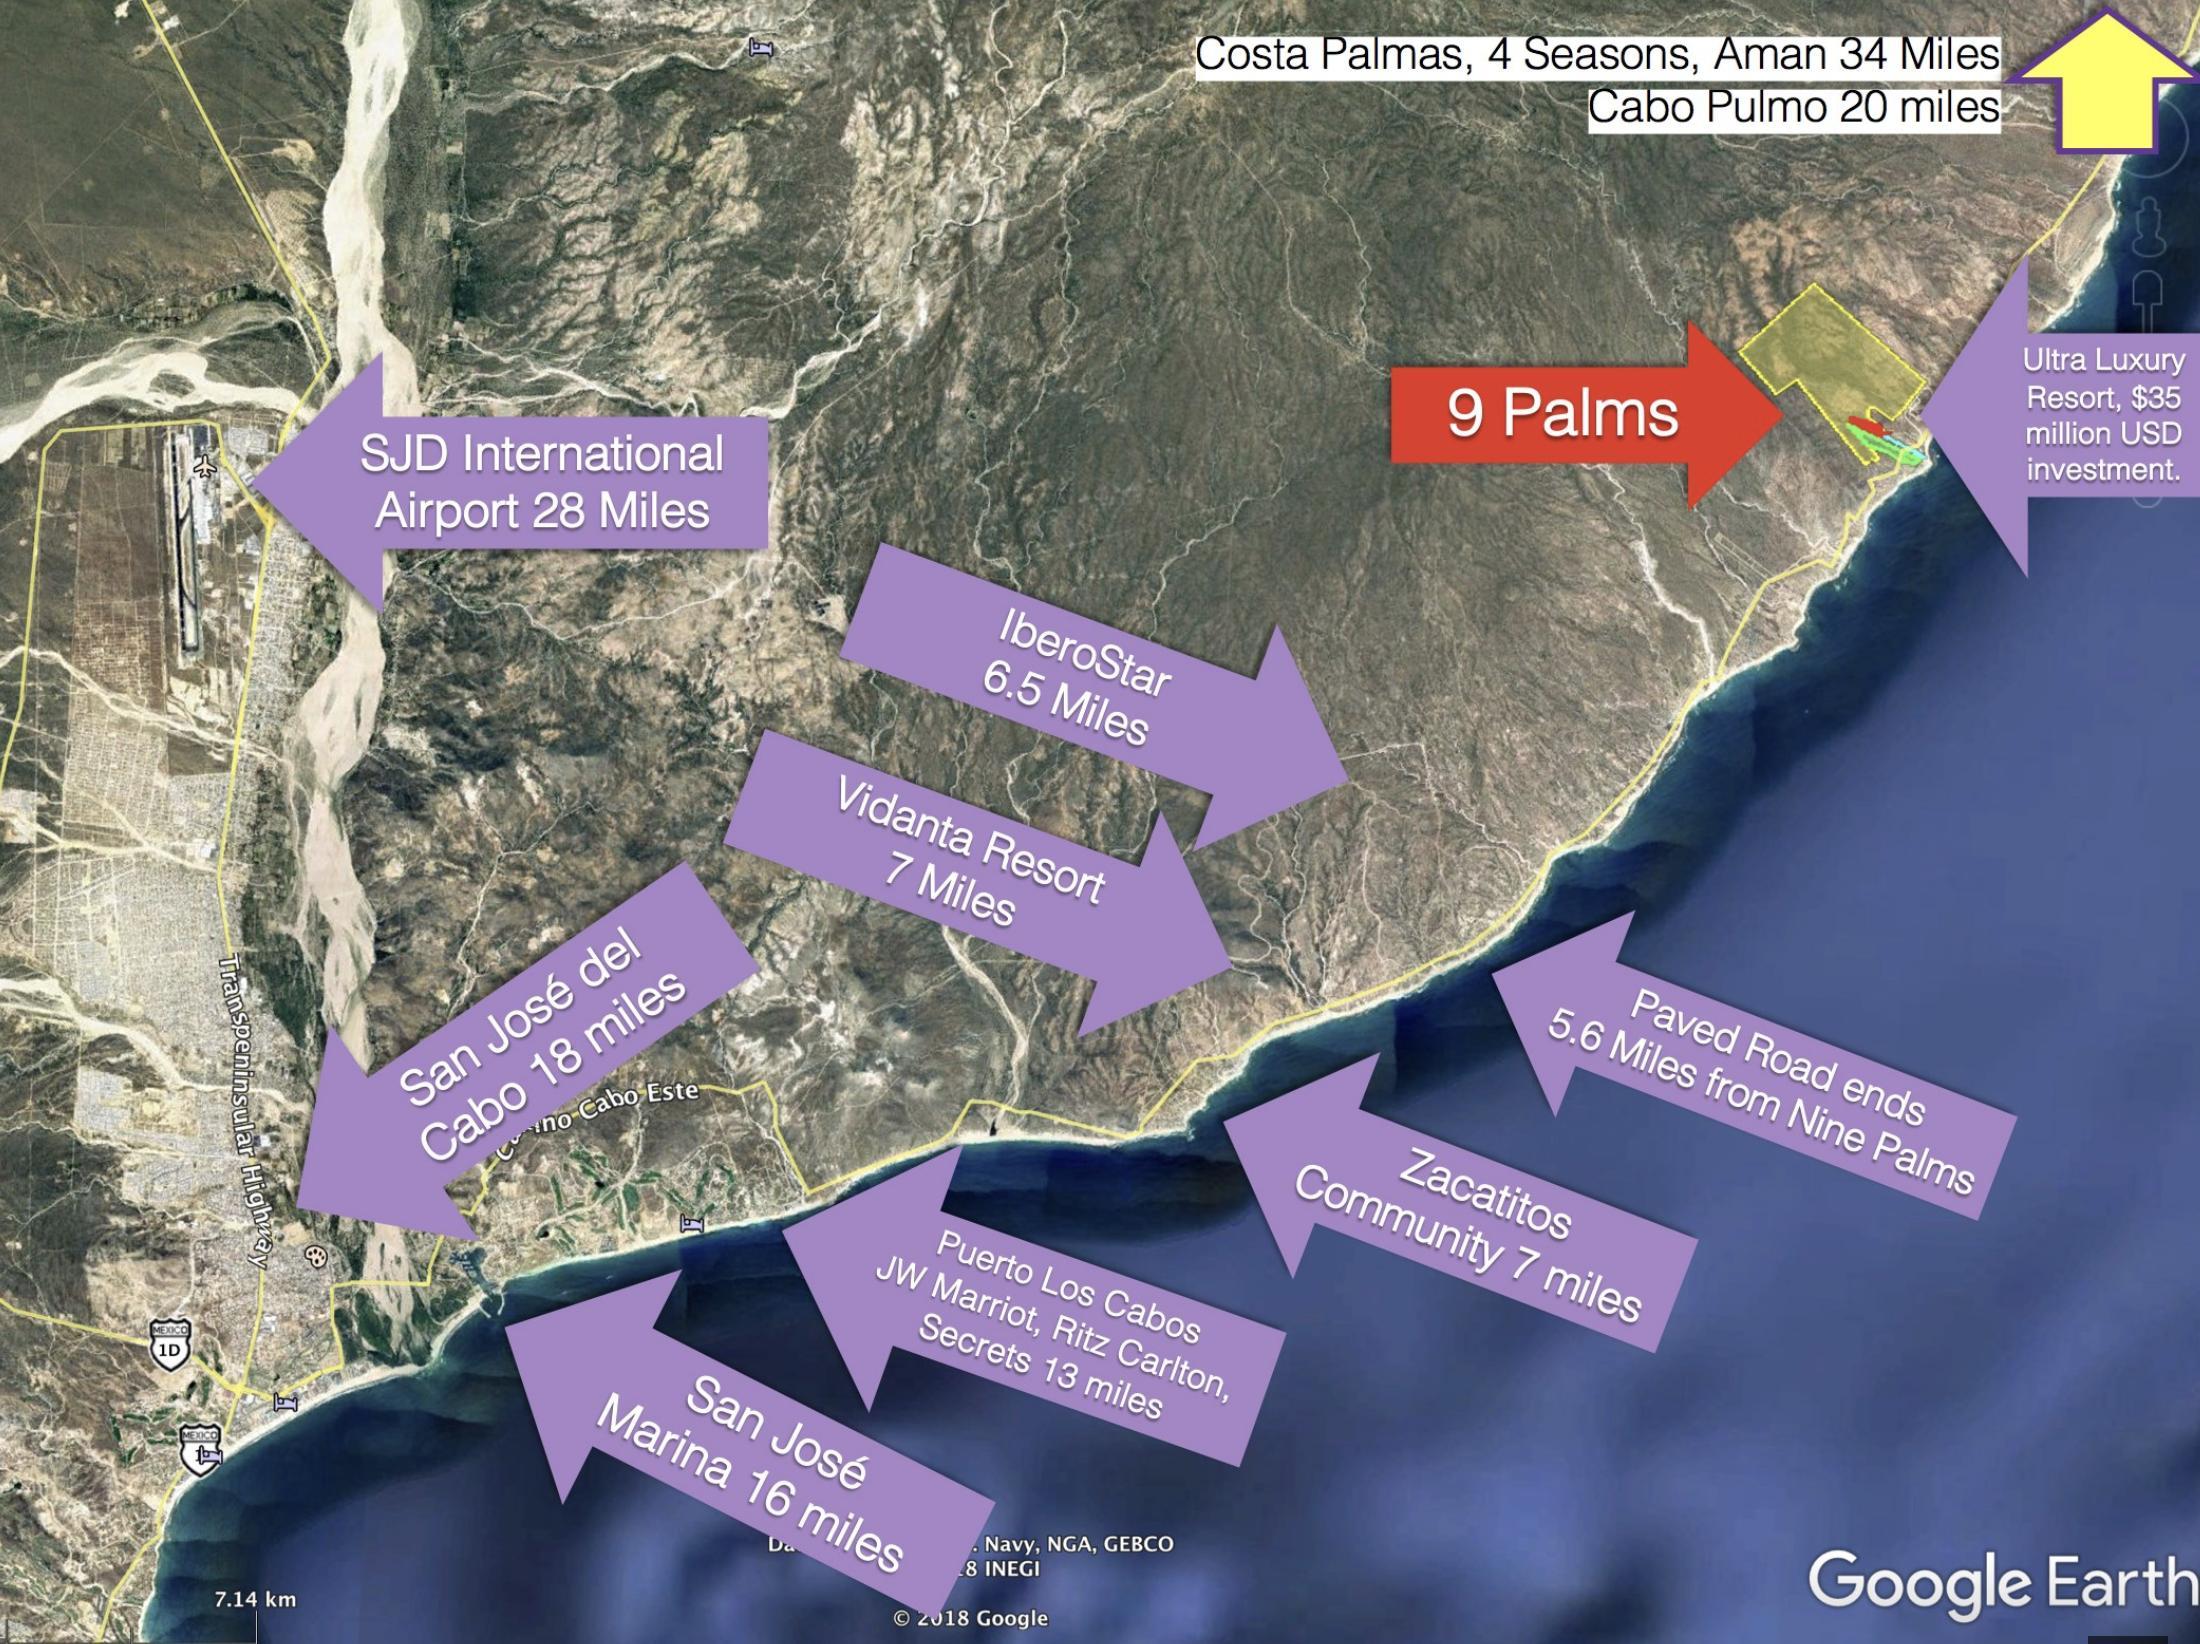 9 Palms Developer Land Reserve-6